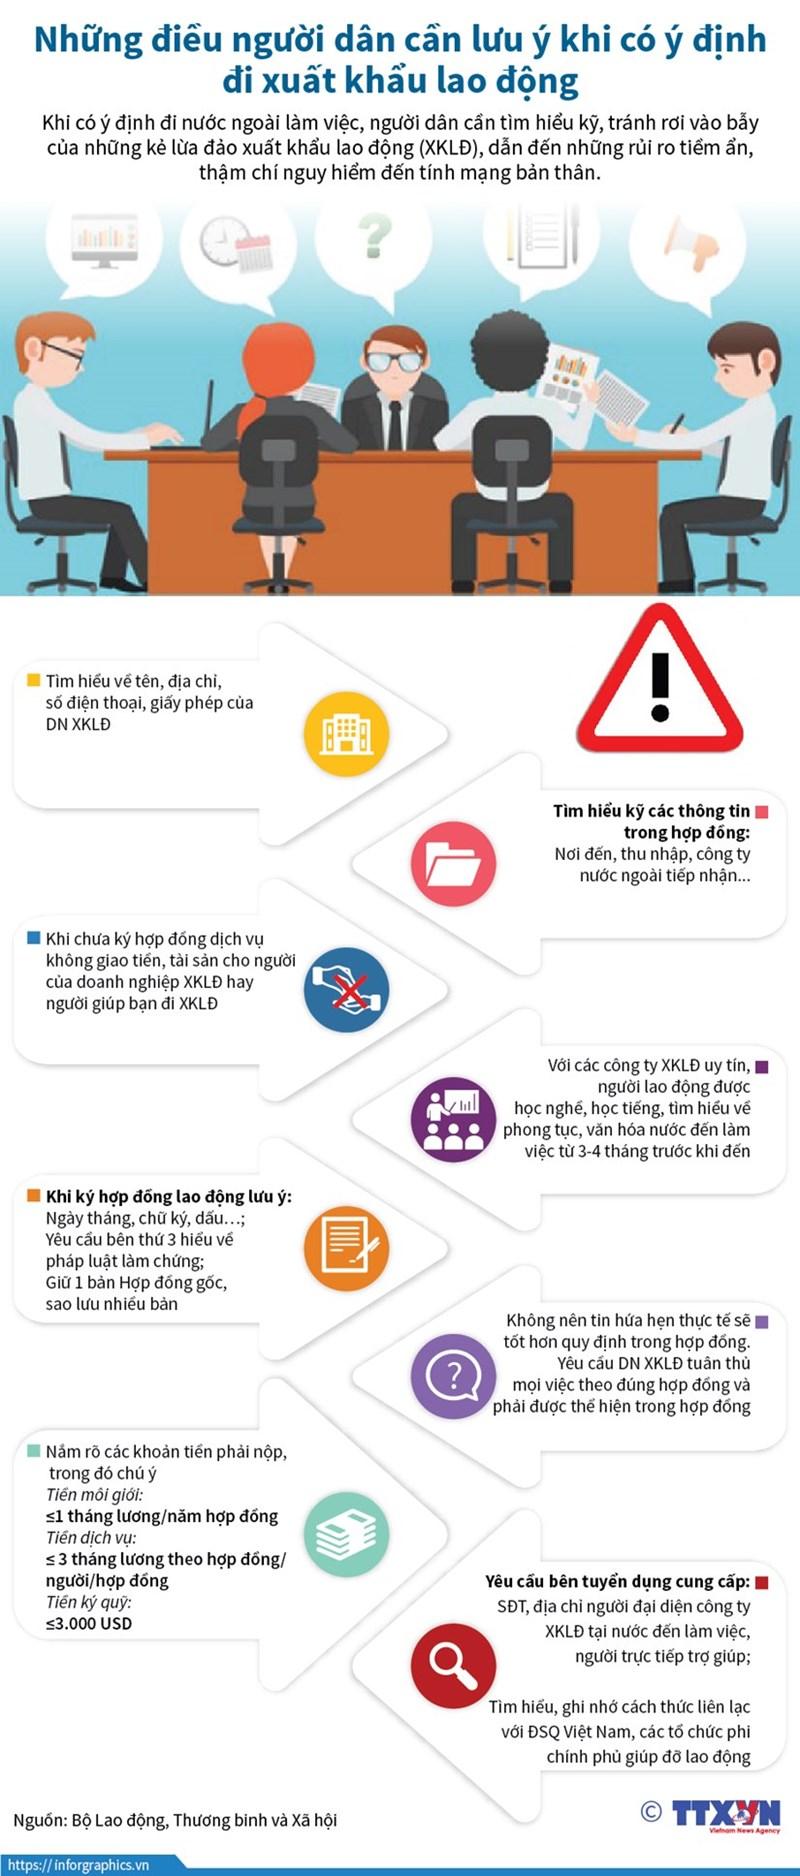 [Infographics] Những điều cần lưu ý khi định đi xuất khẩu lao động - Ảnh 1